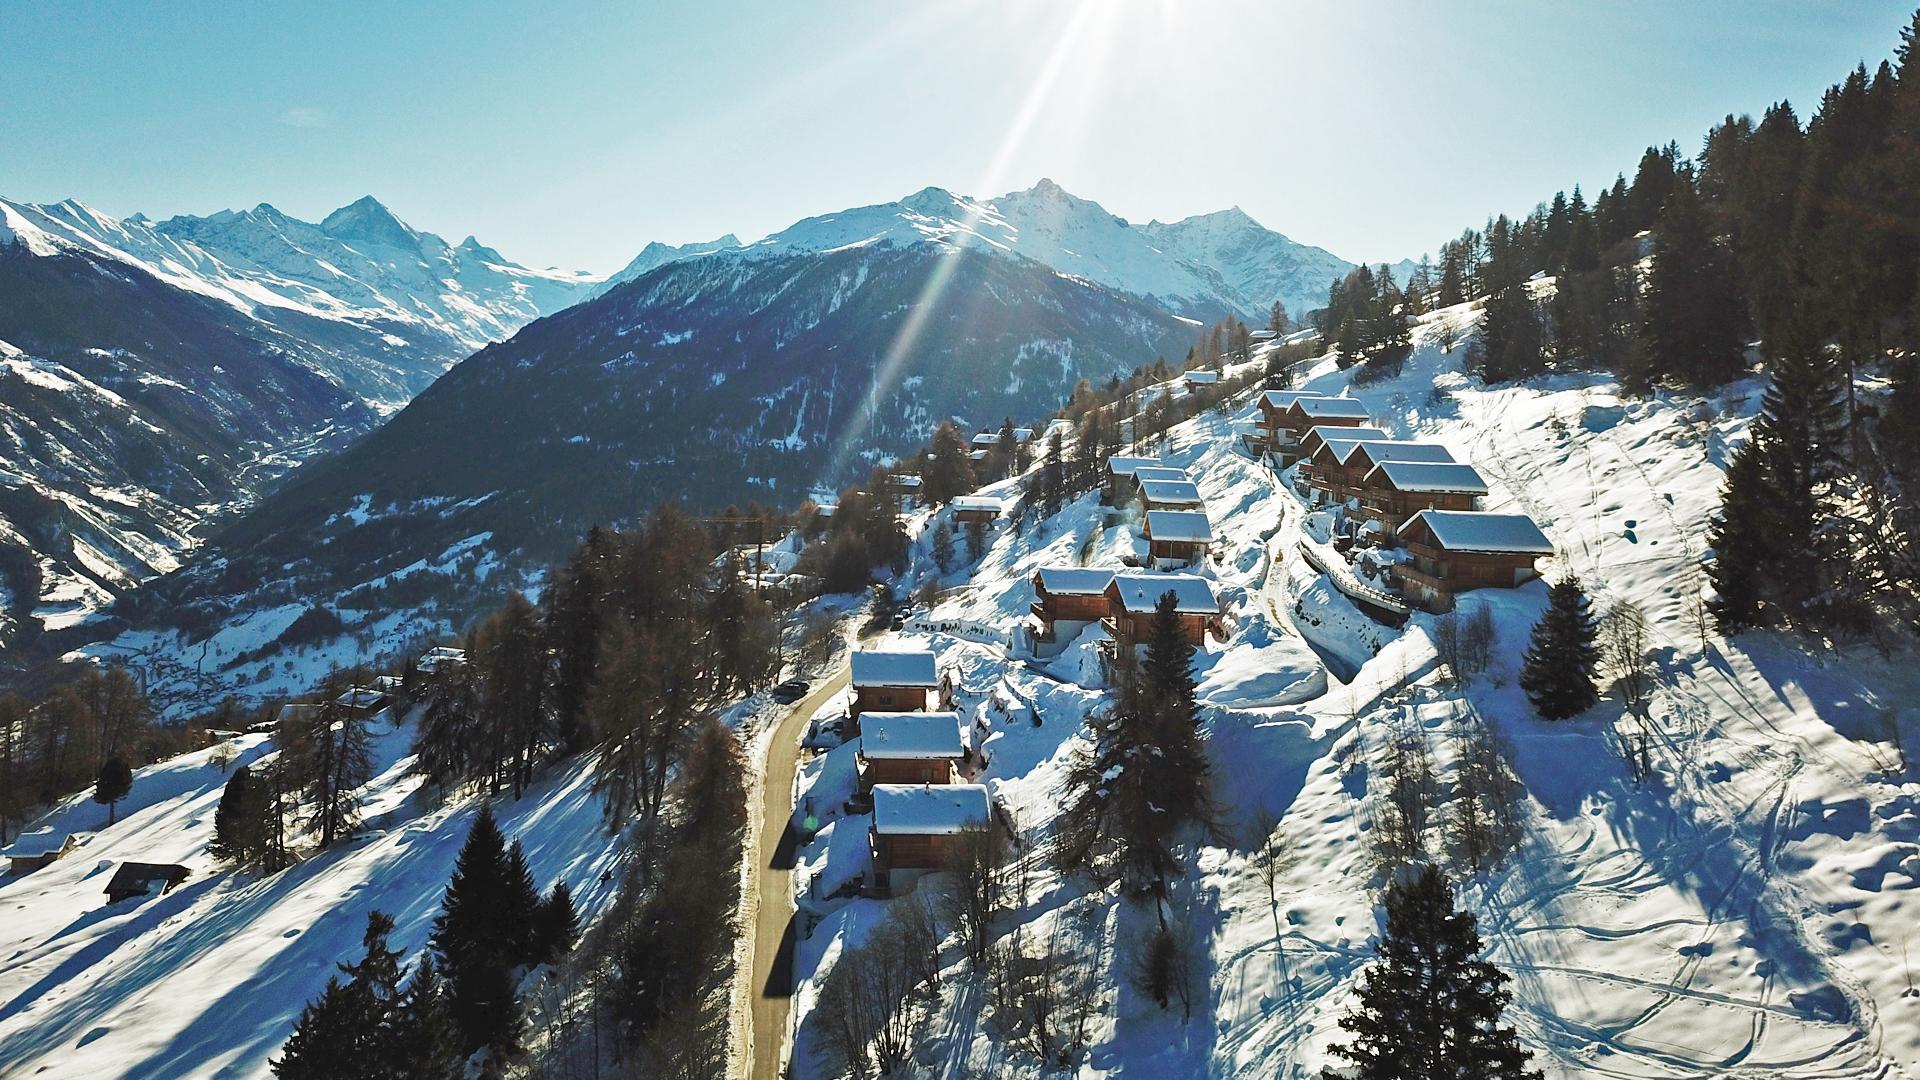 Chalet Marguerite Chalet, Switzerland